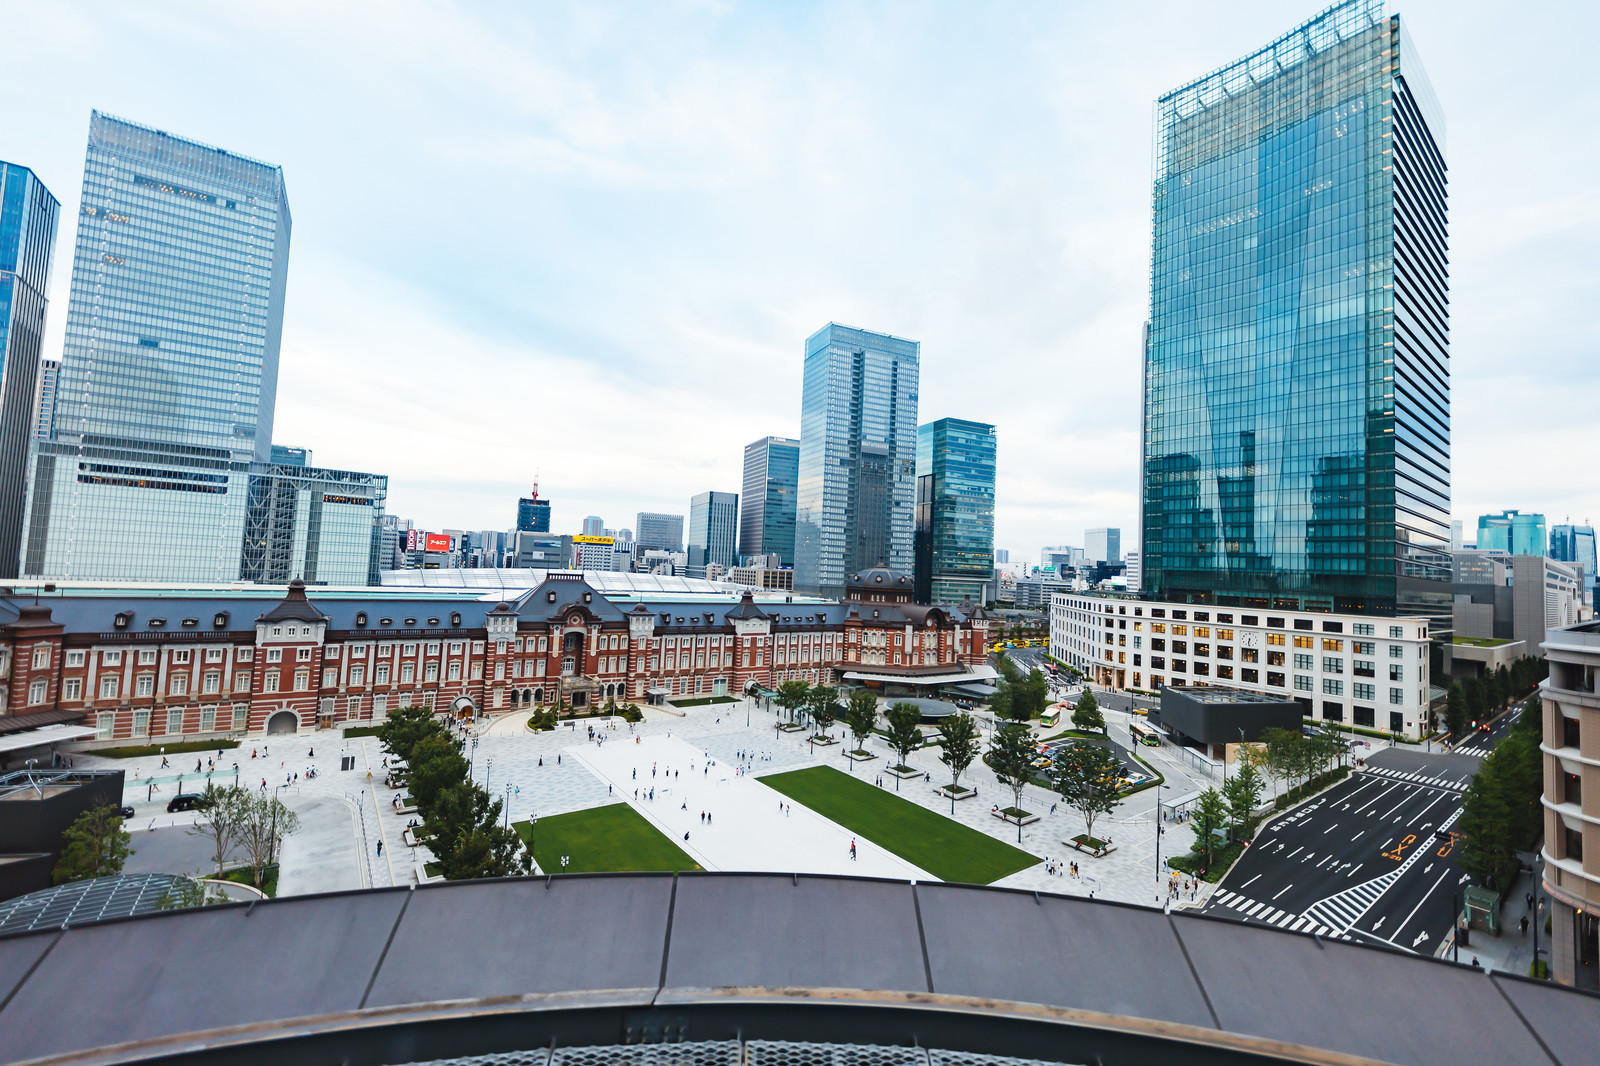 「東京駅丸の内駅前」の写真